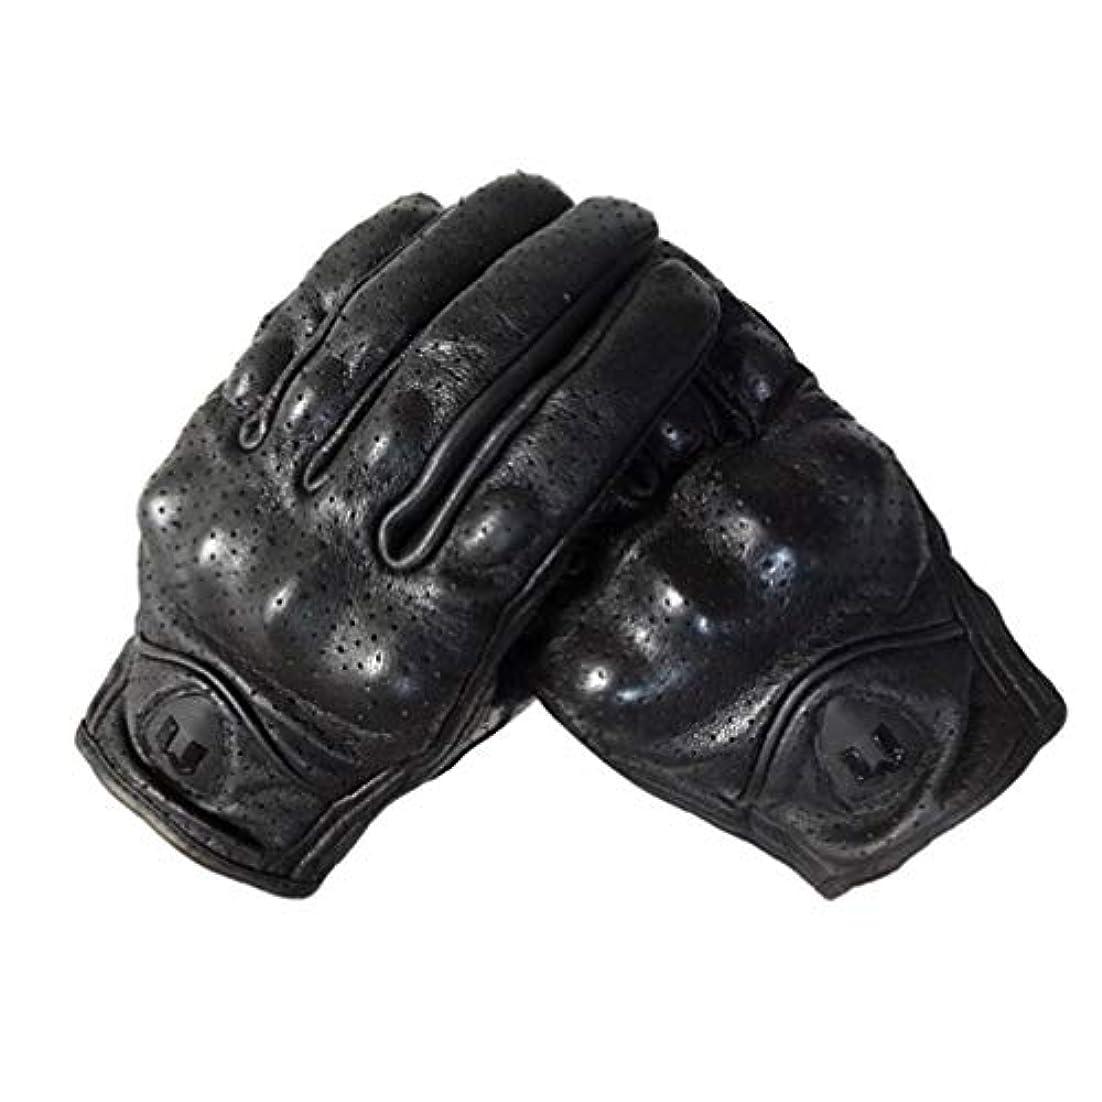 ローン抵抗する物理的なLIOOBO 冬革手袋フルフィンガーサイクリング手袋オートバイの手袋運転手袋タッチスクリーン手袋男性用女性